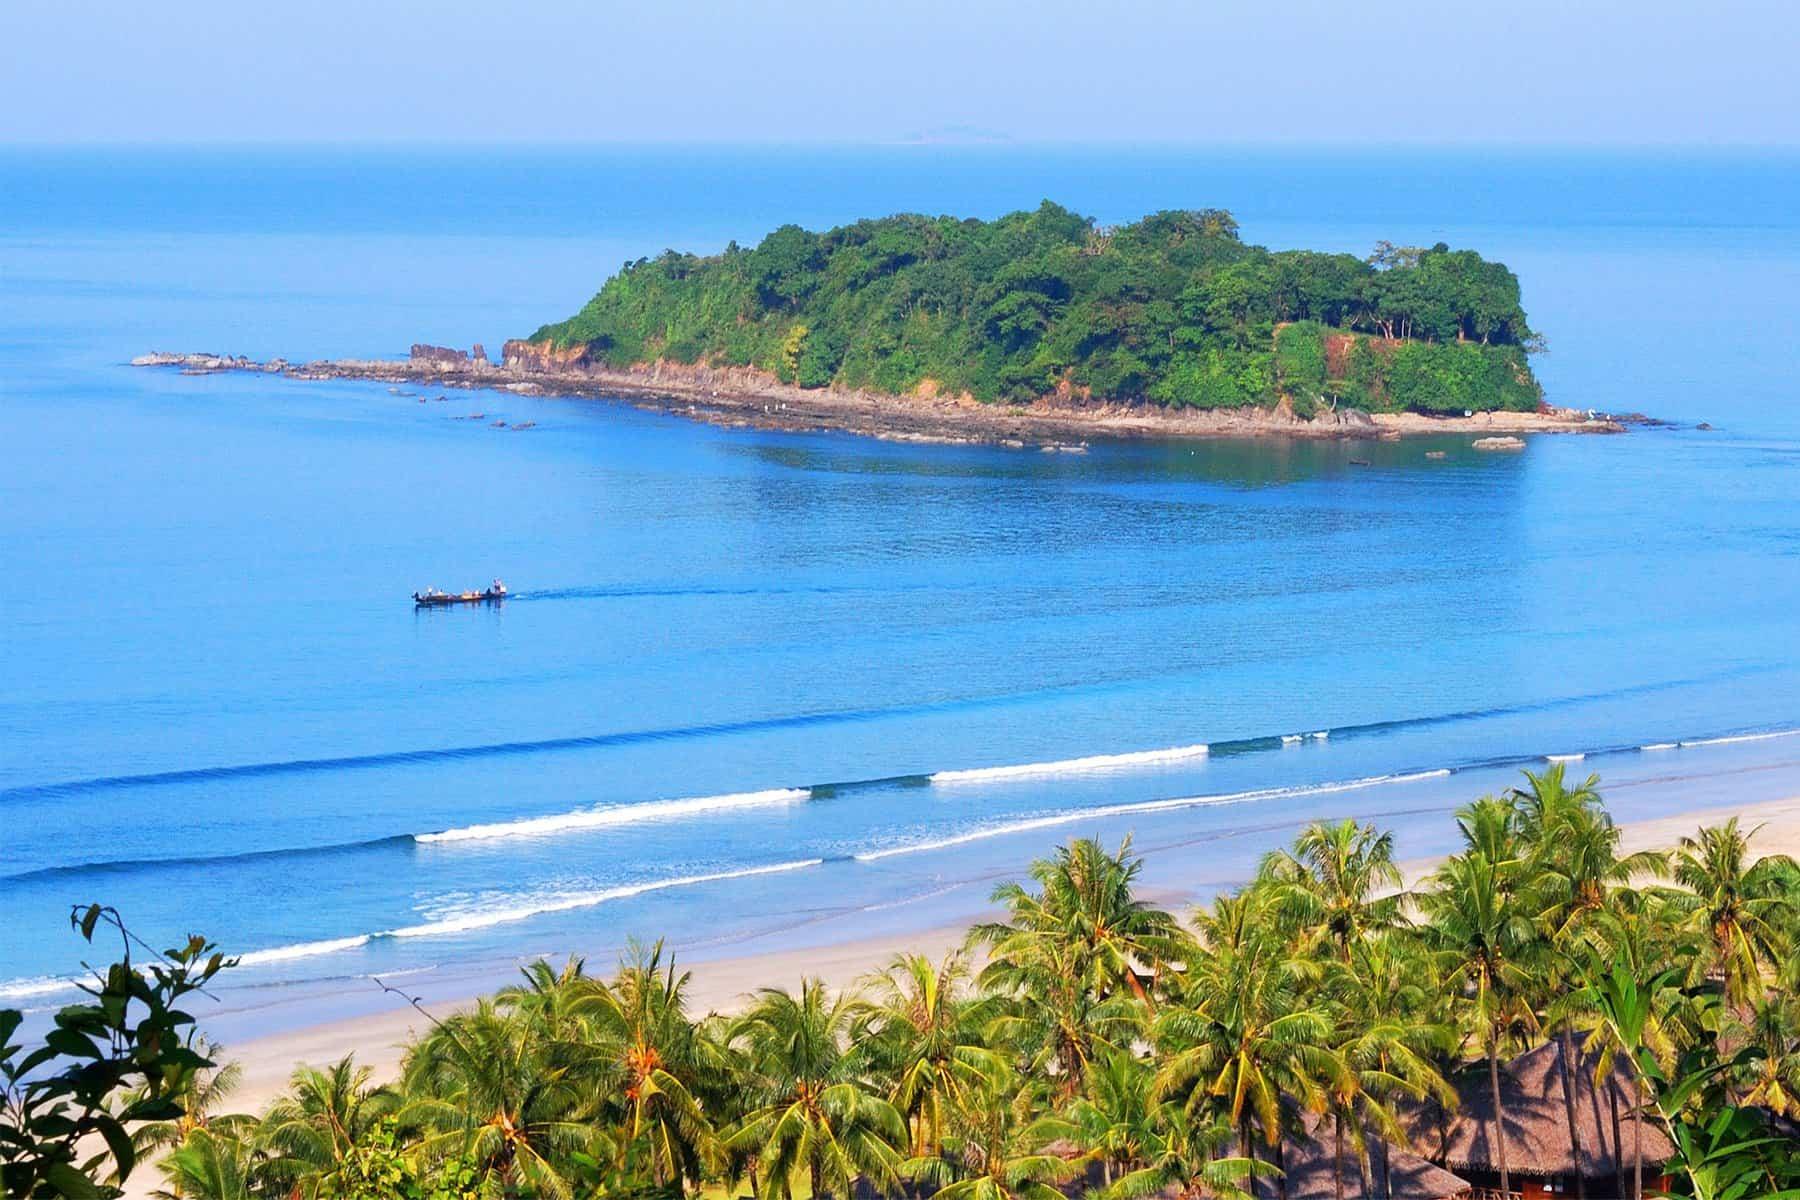 Ngwe Saung/Chaung Thar (Beach)